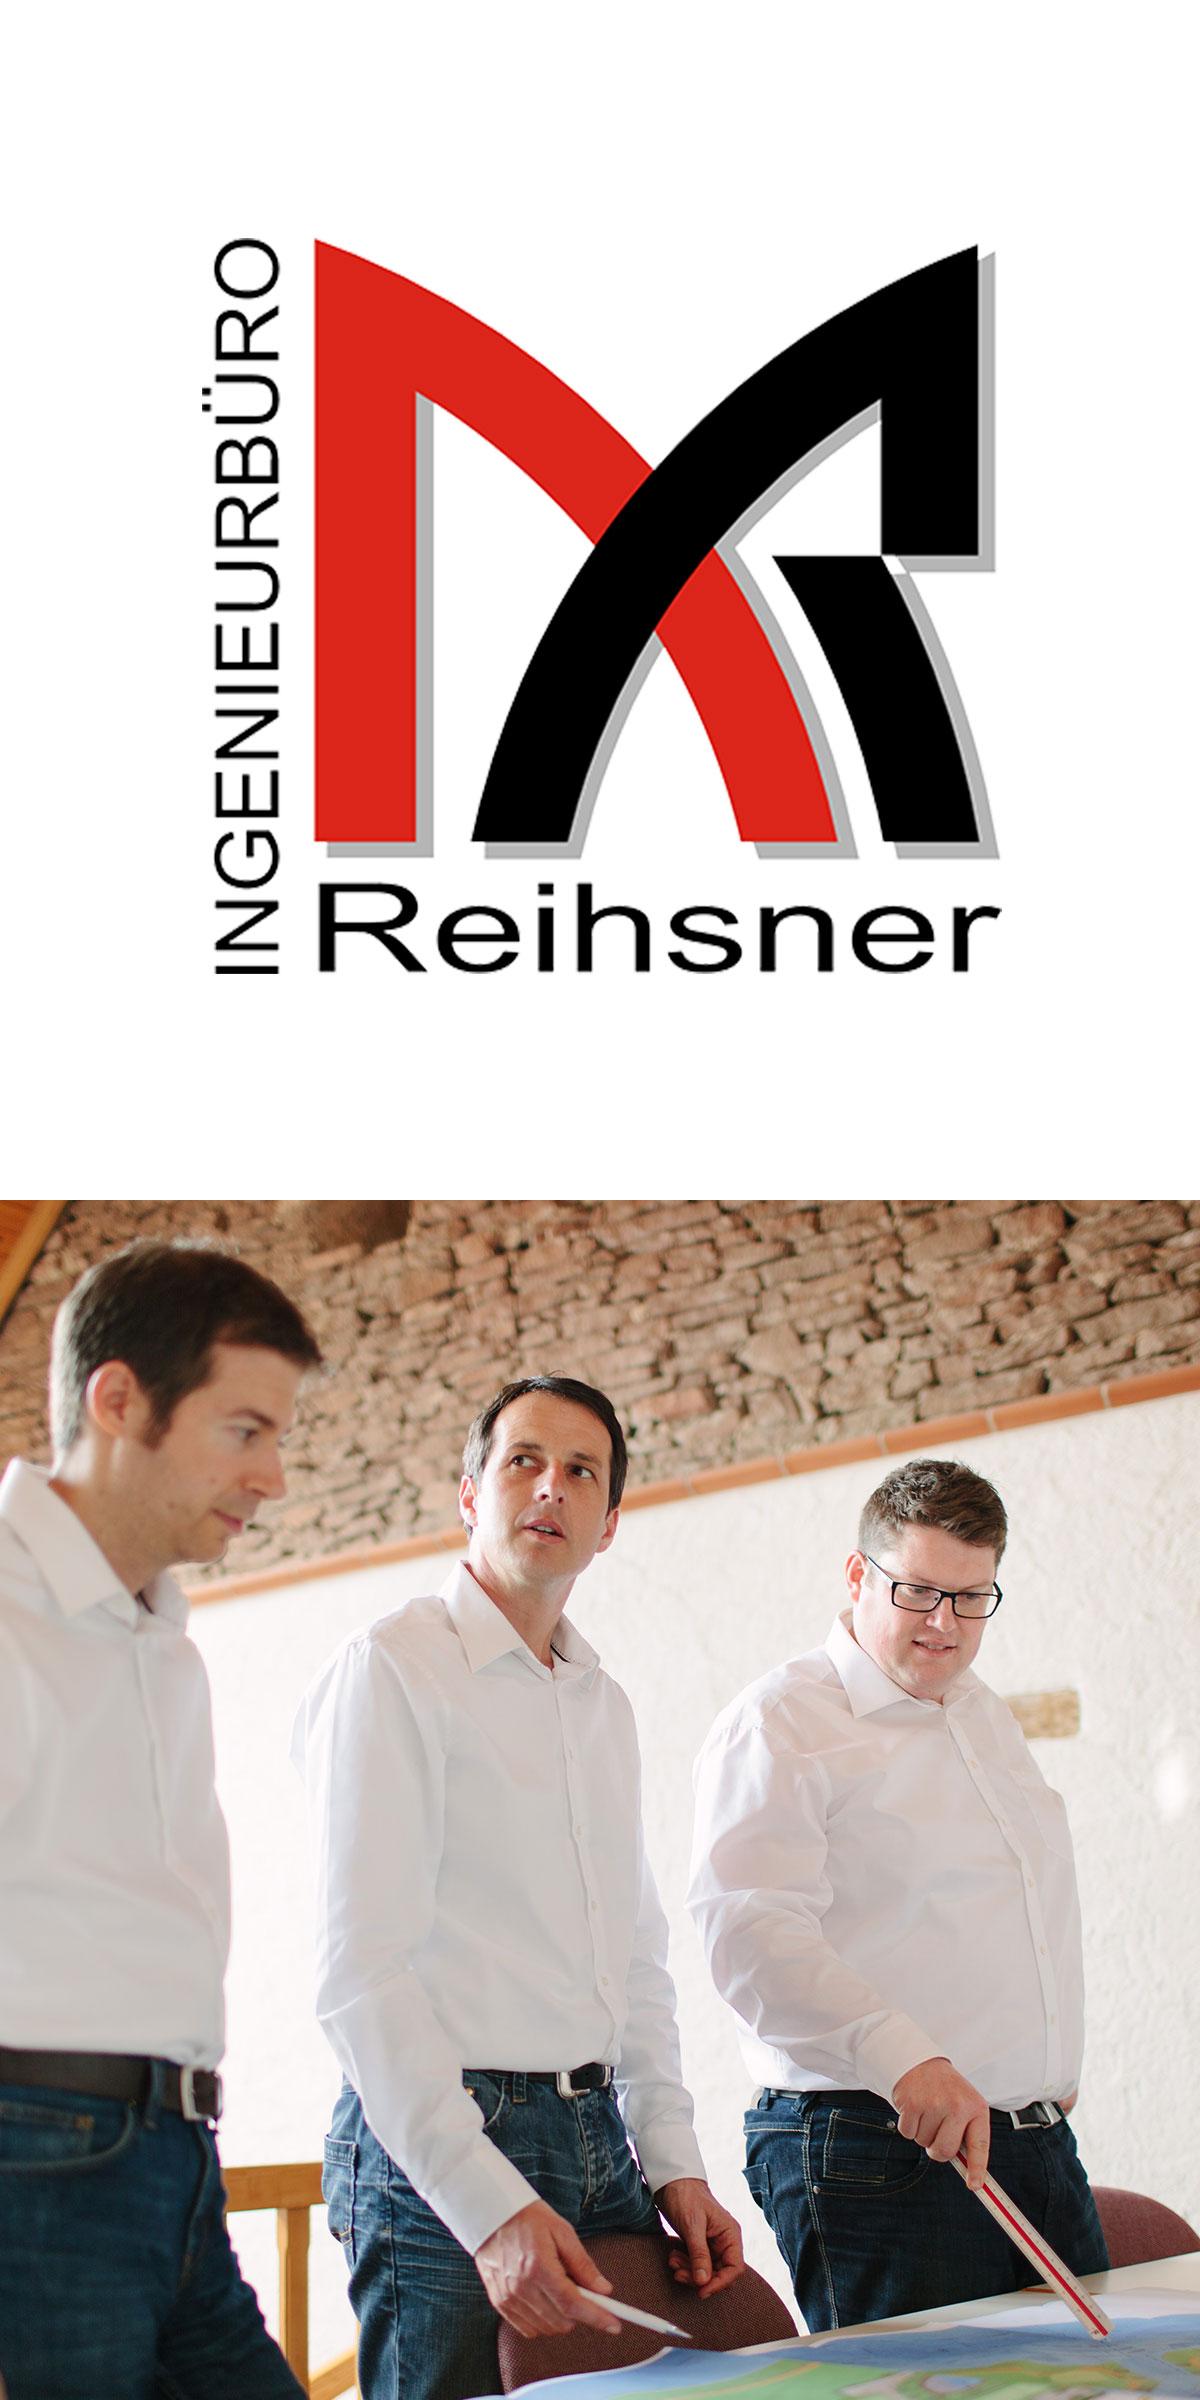 Ingenieurbüro Reihsner - Das Planungsbüro in Wittlich - Neuerburg